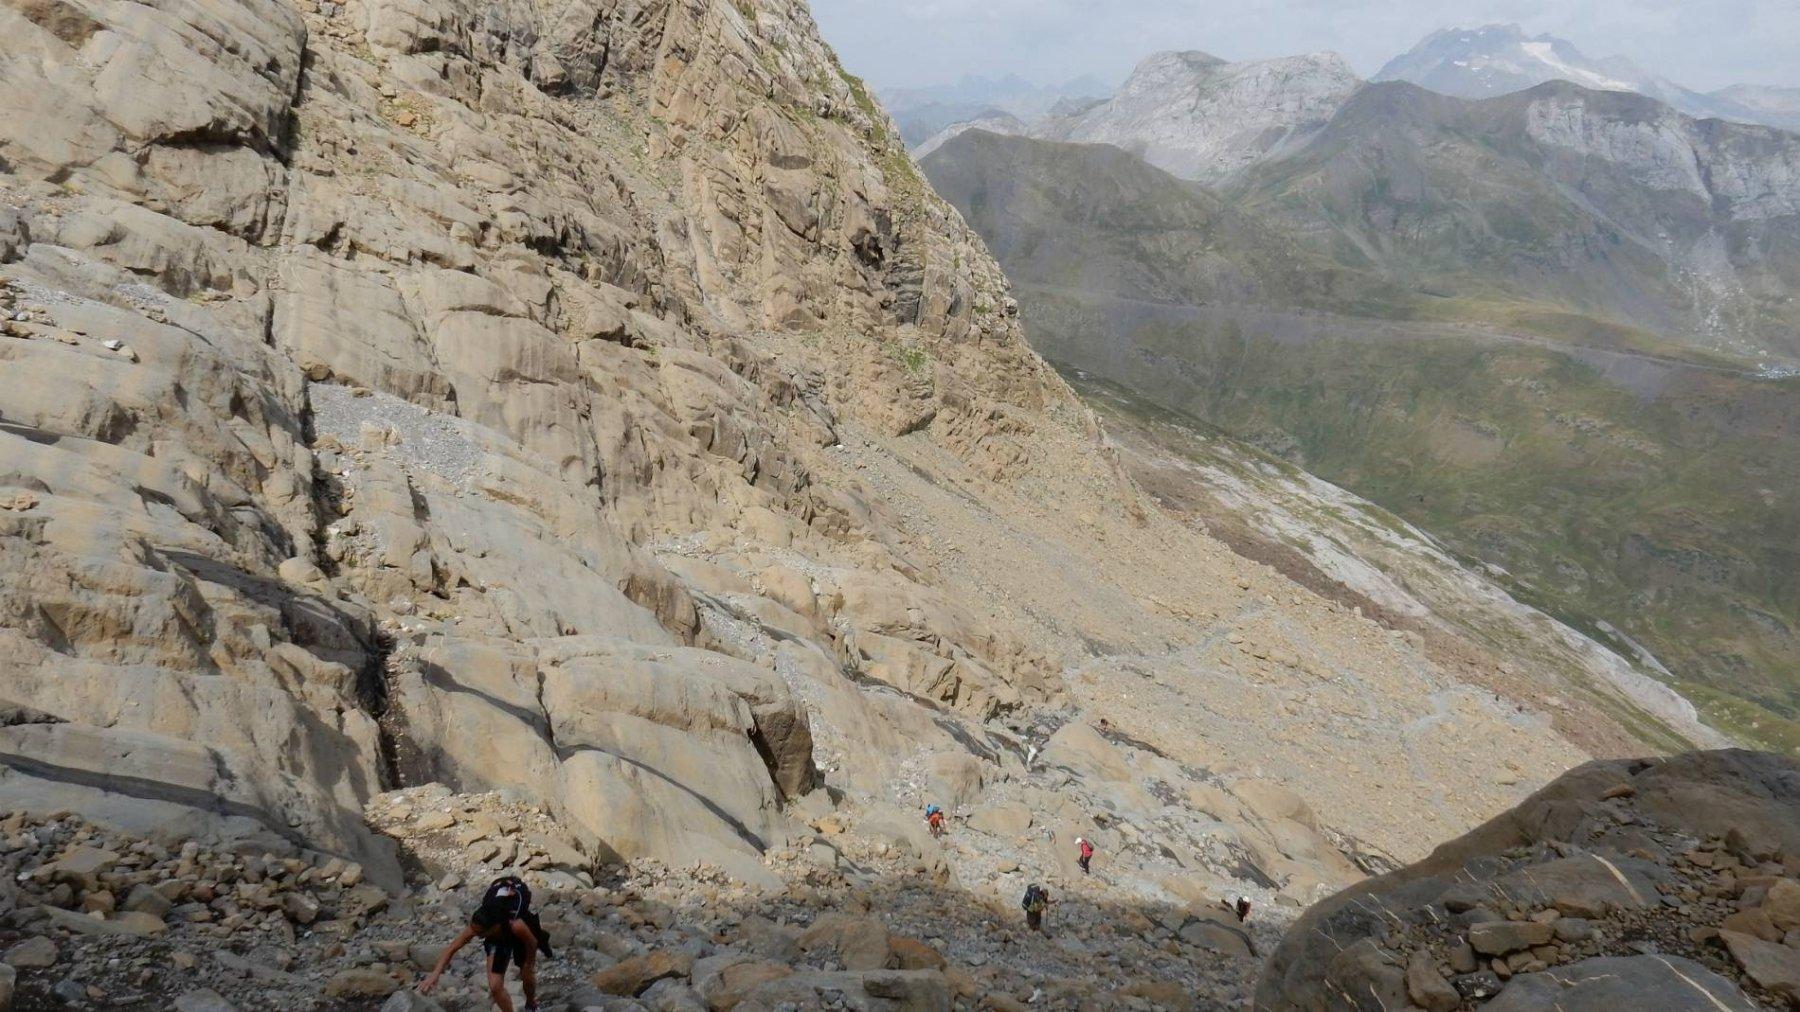 Saliamo il vallone tra le rocce montonate.